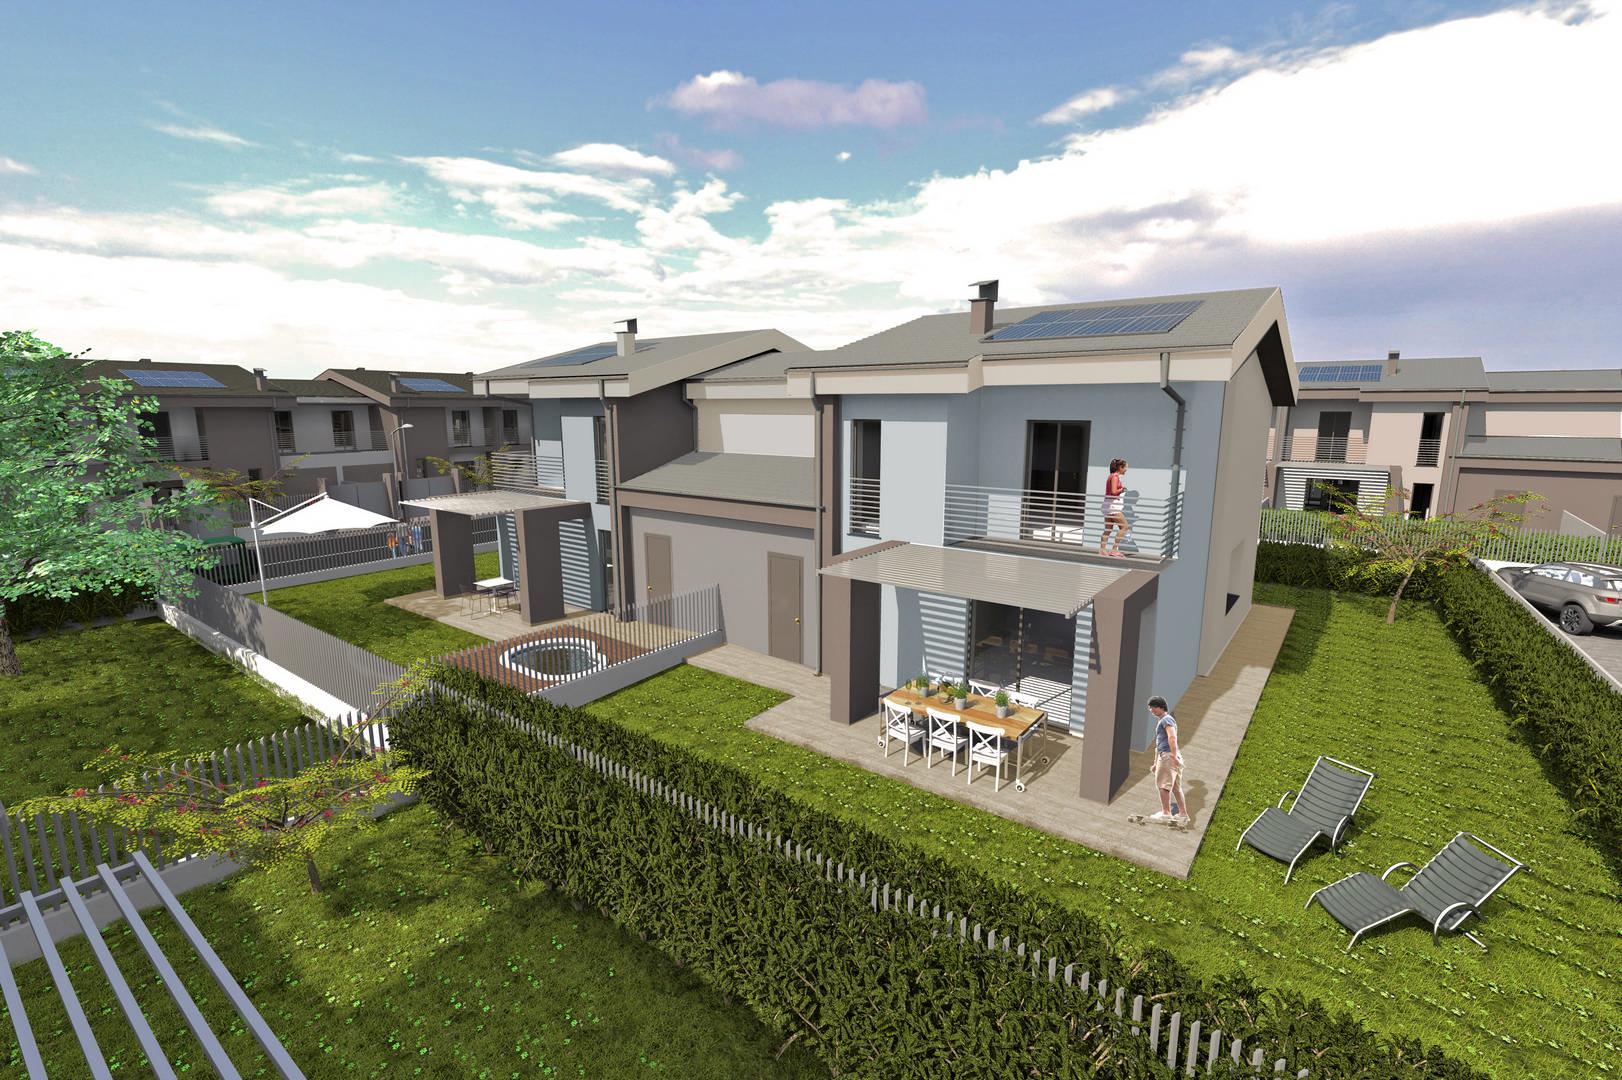 Ville e bifamiliari di prossima realizzazione antica for Progetti ville bifamiliari moderne